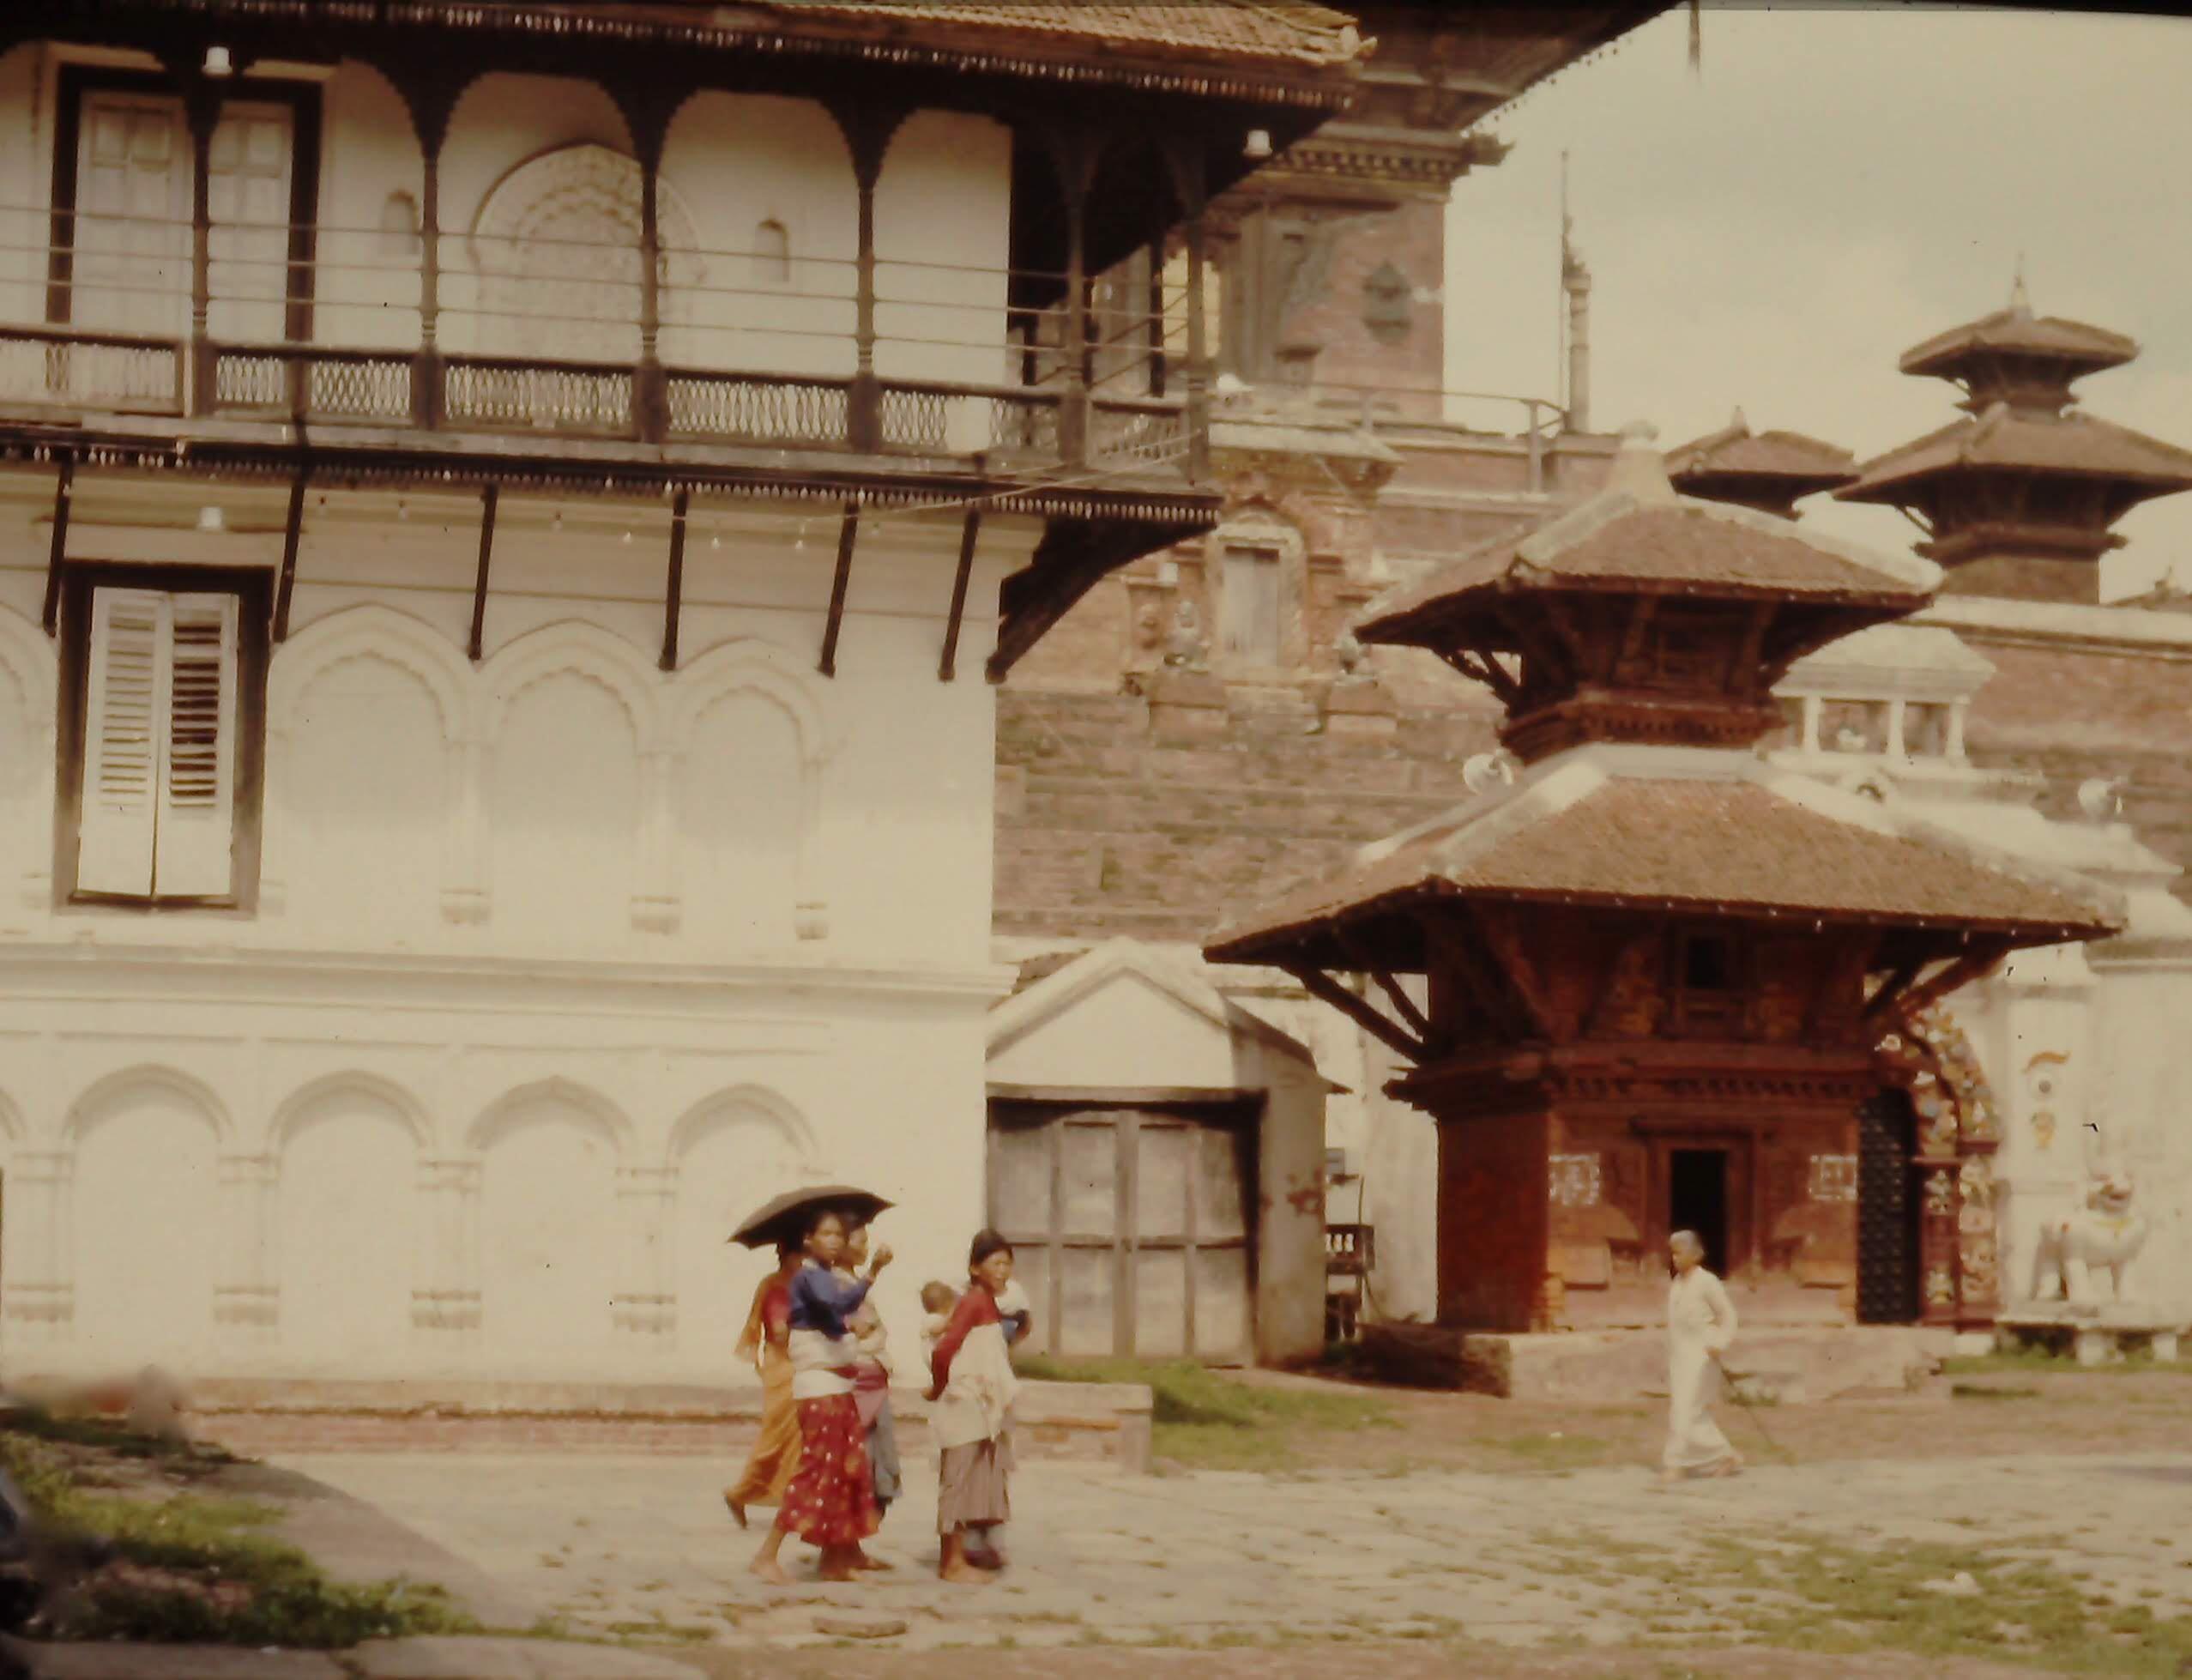 Old Nepal in Ed Van der Kooy's reel